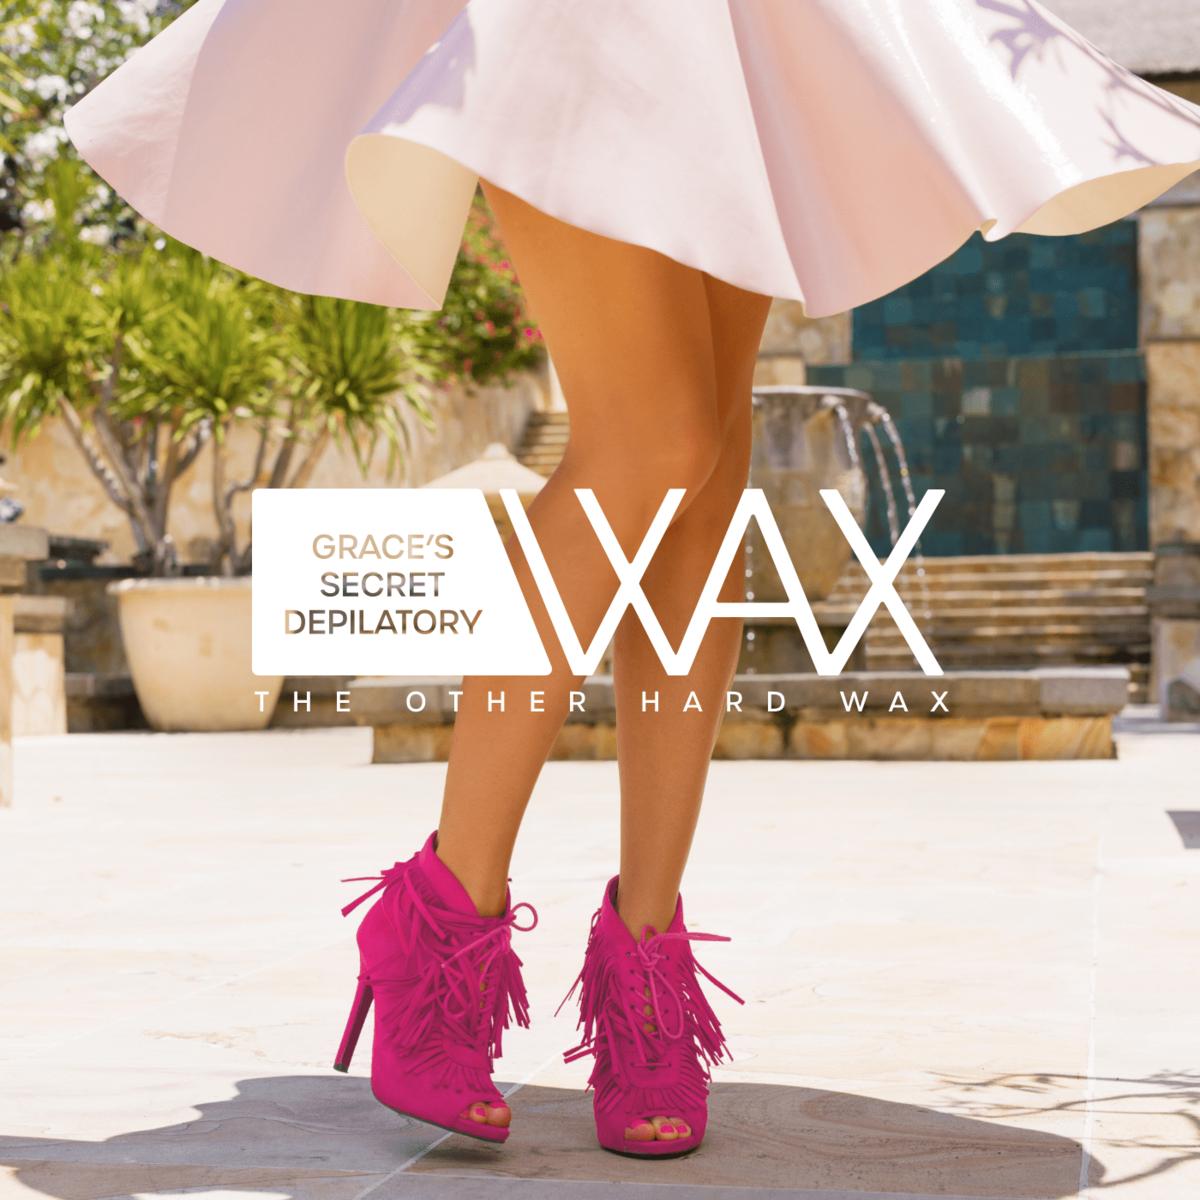 Grace's Secret Depilatory Wax